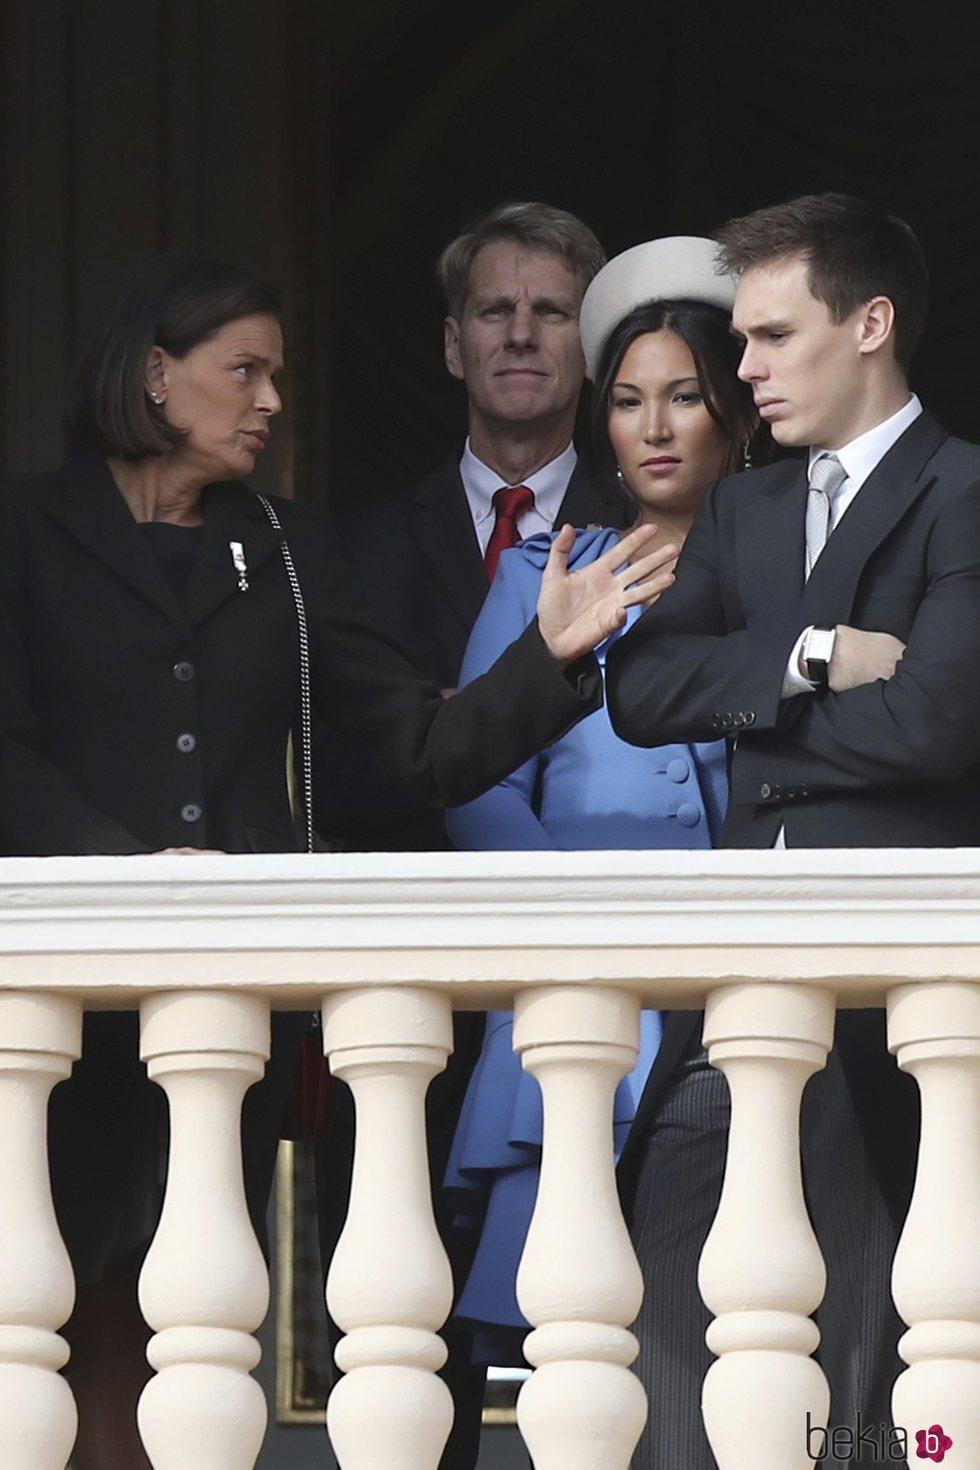 Estefanía de Mónaco con su hijo Louis Ducruet, su nuera Marie Chevallier, y su primo John Kelly en el Día Nacional de Mónaco 2